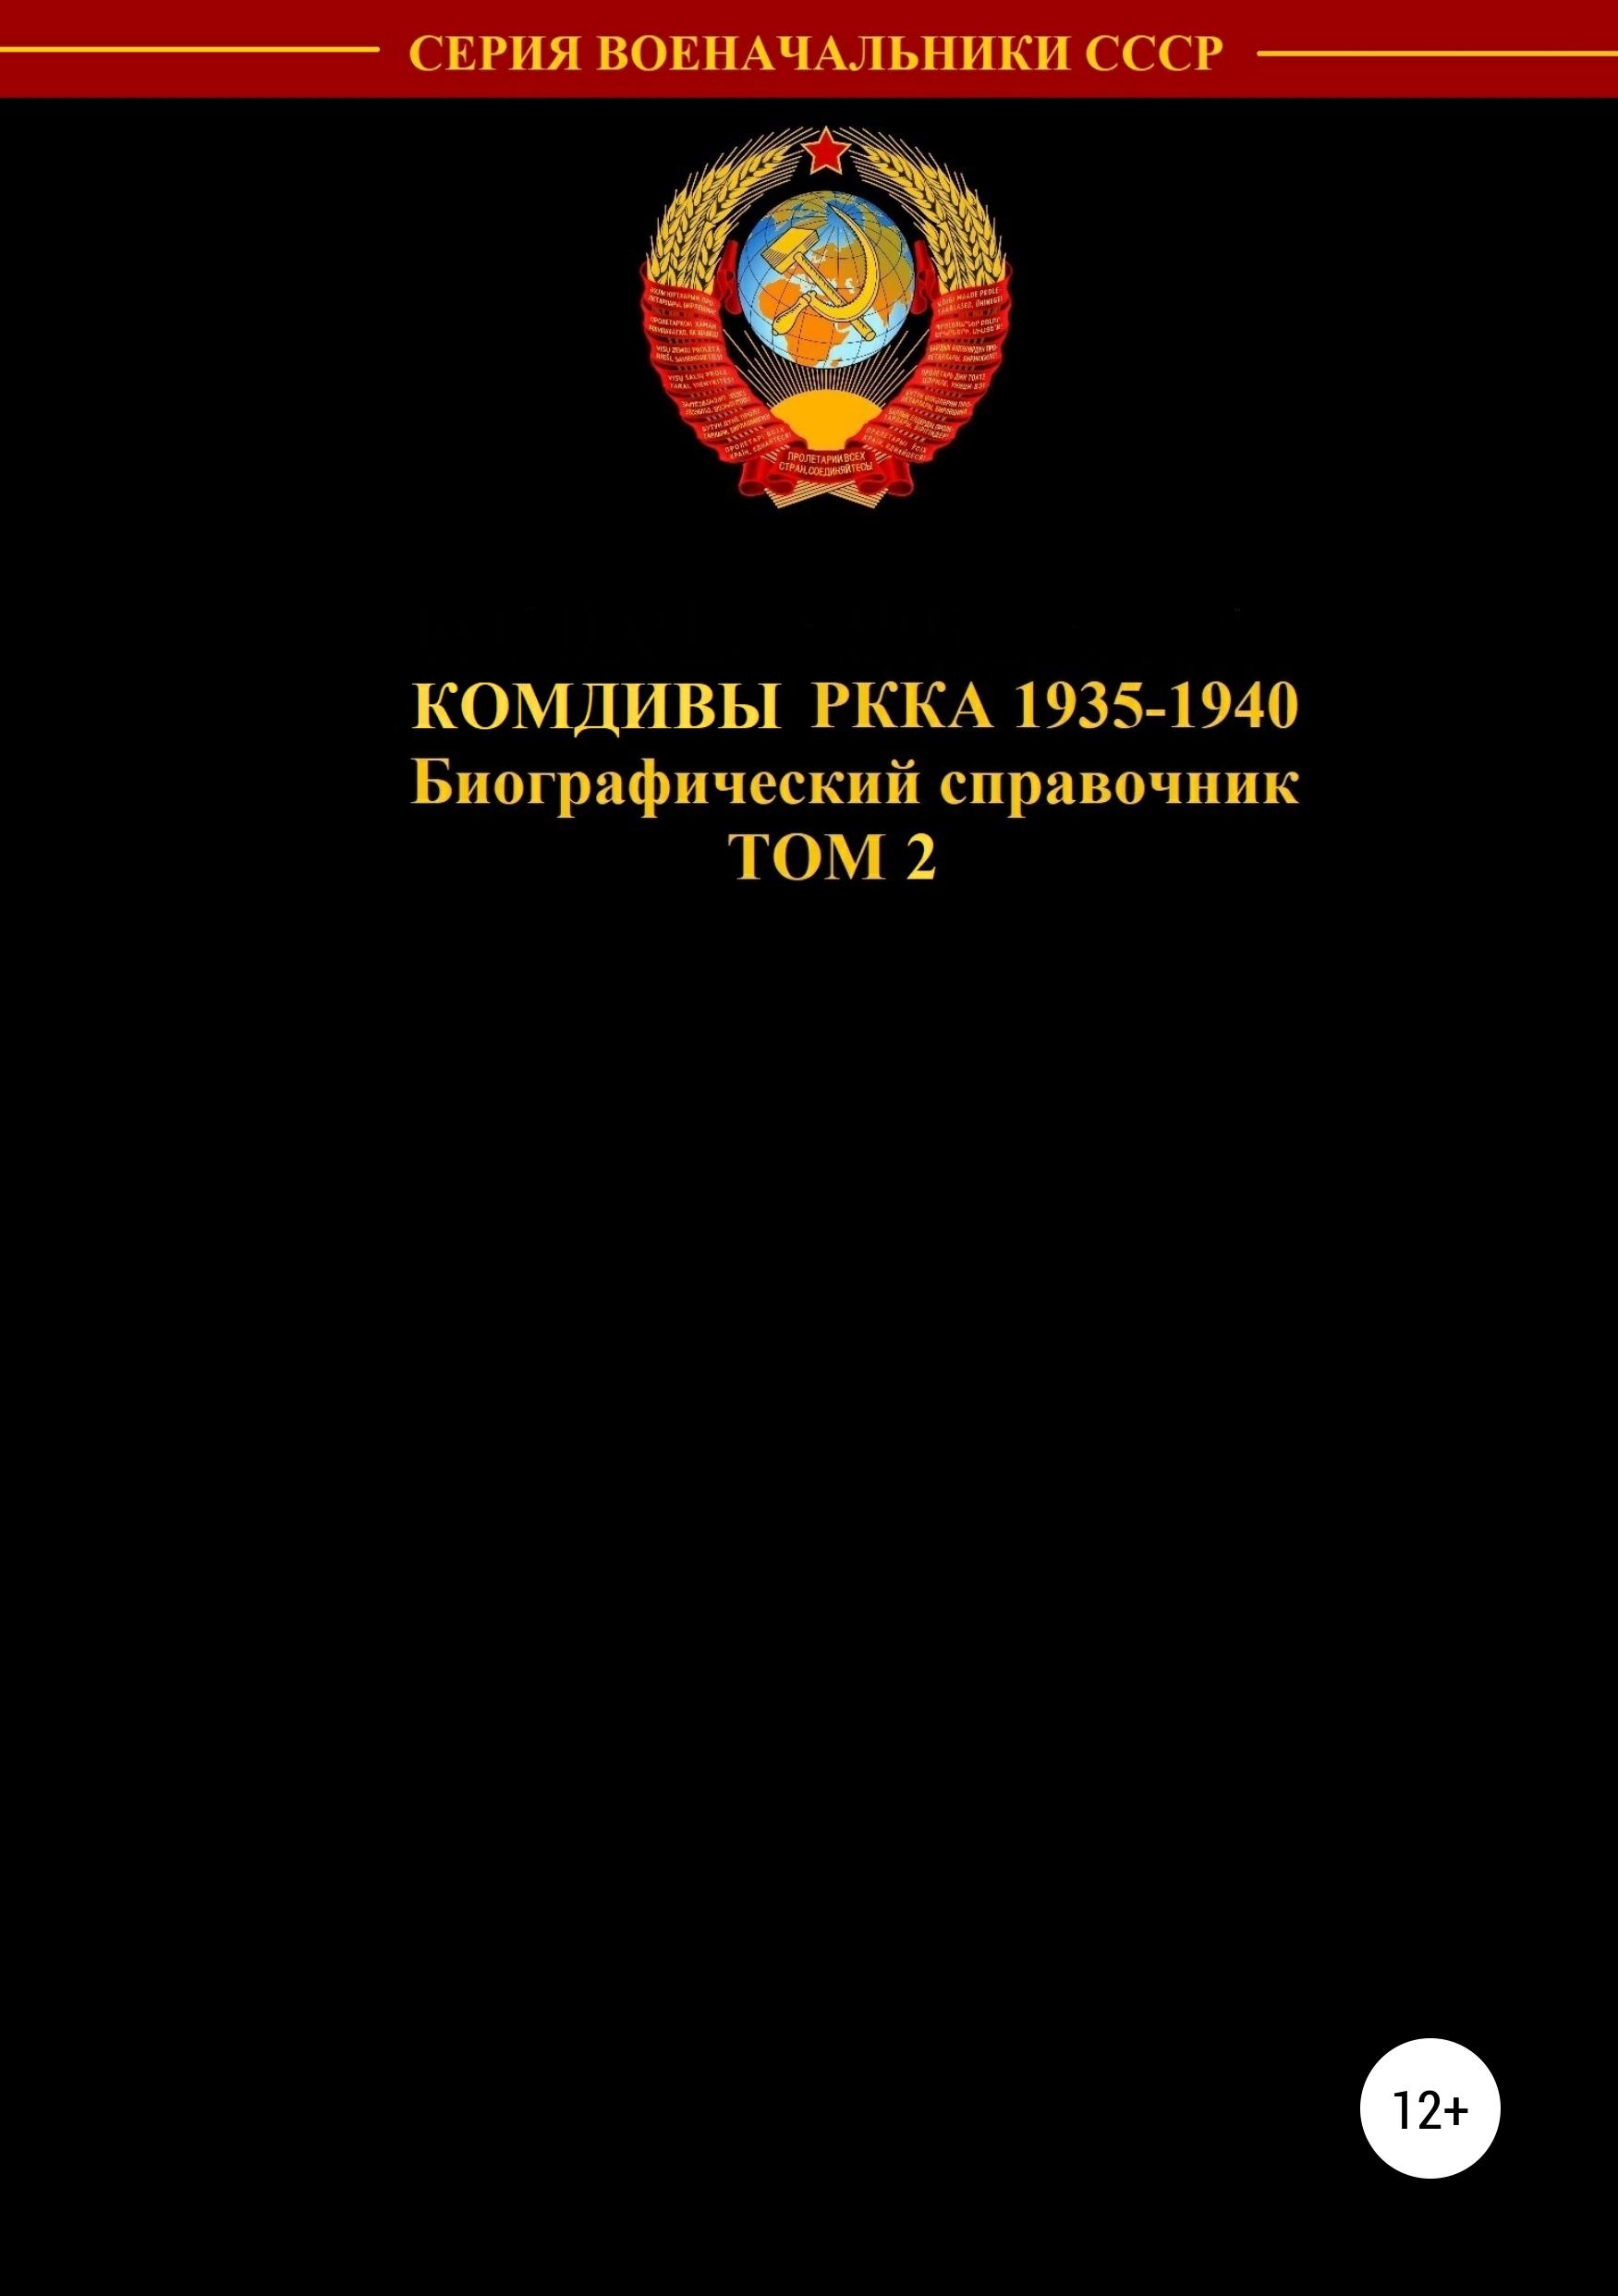 Комдивы РККА 1935-1940. Том 2